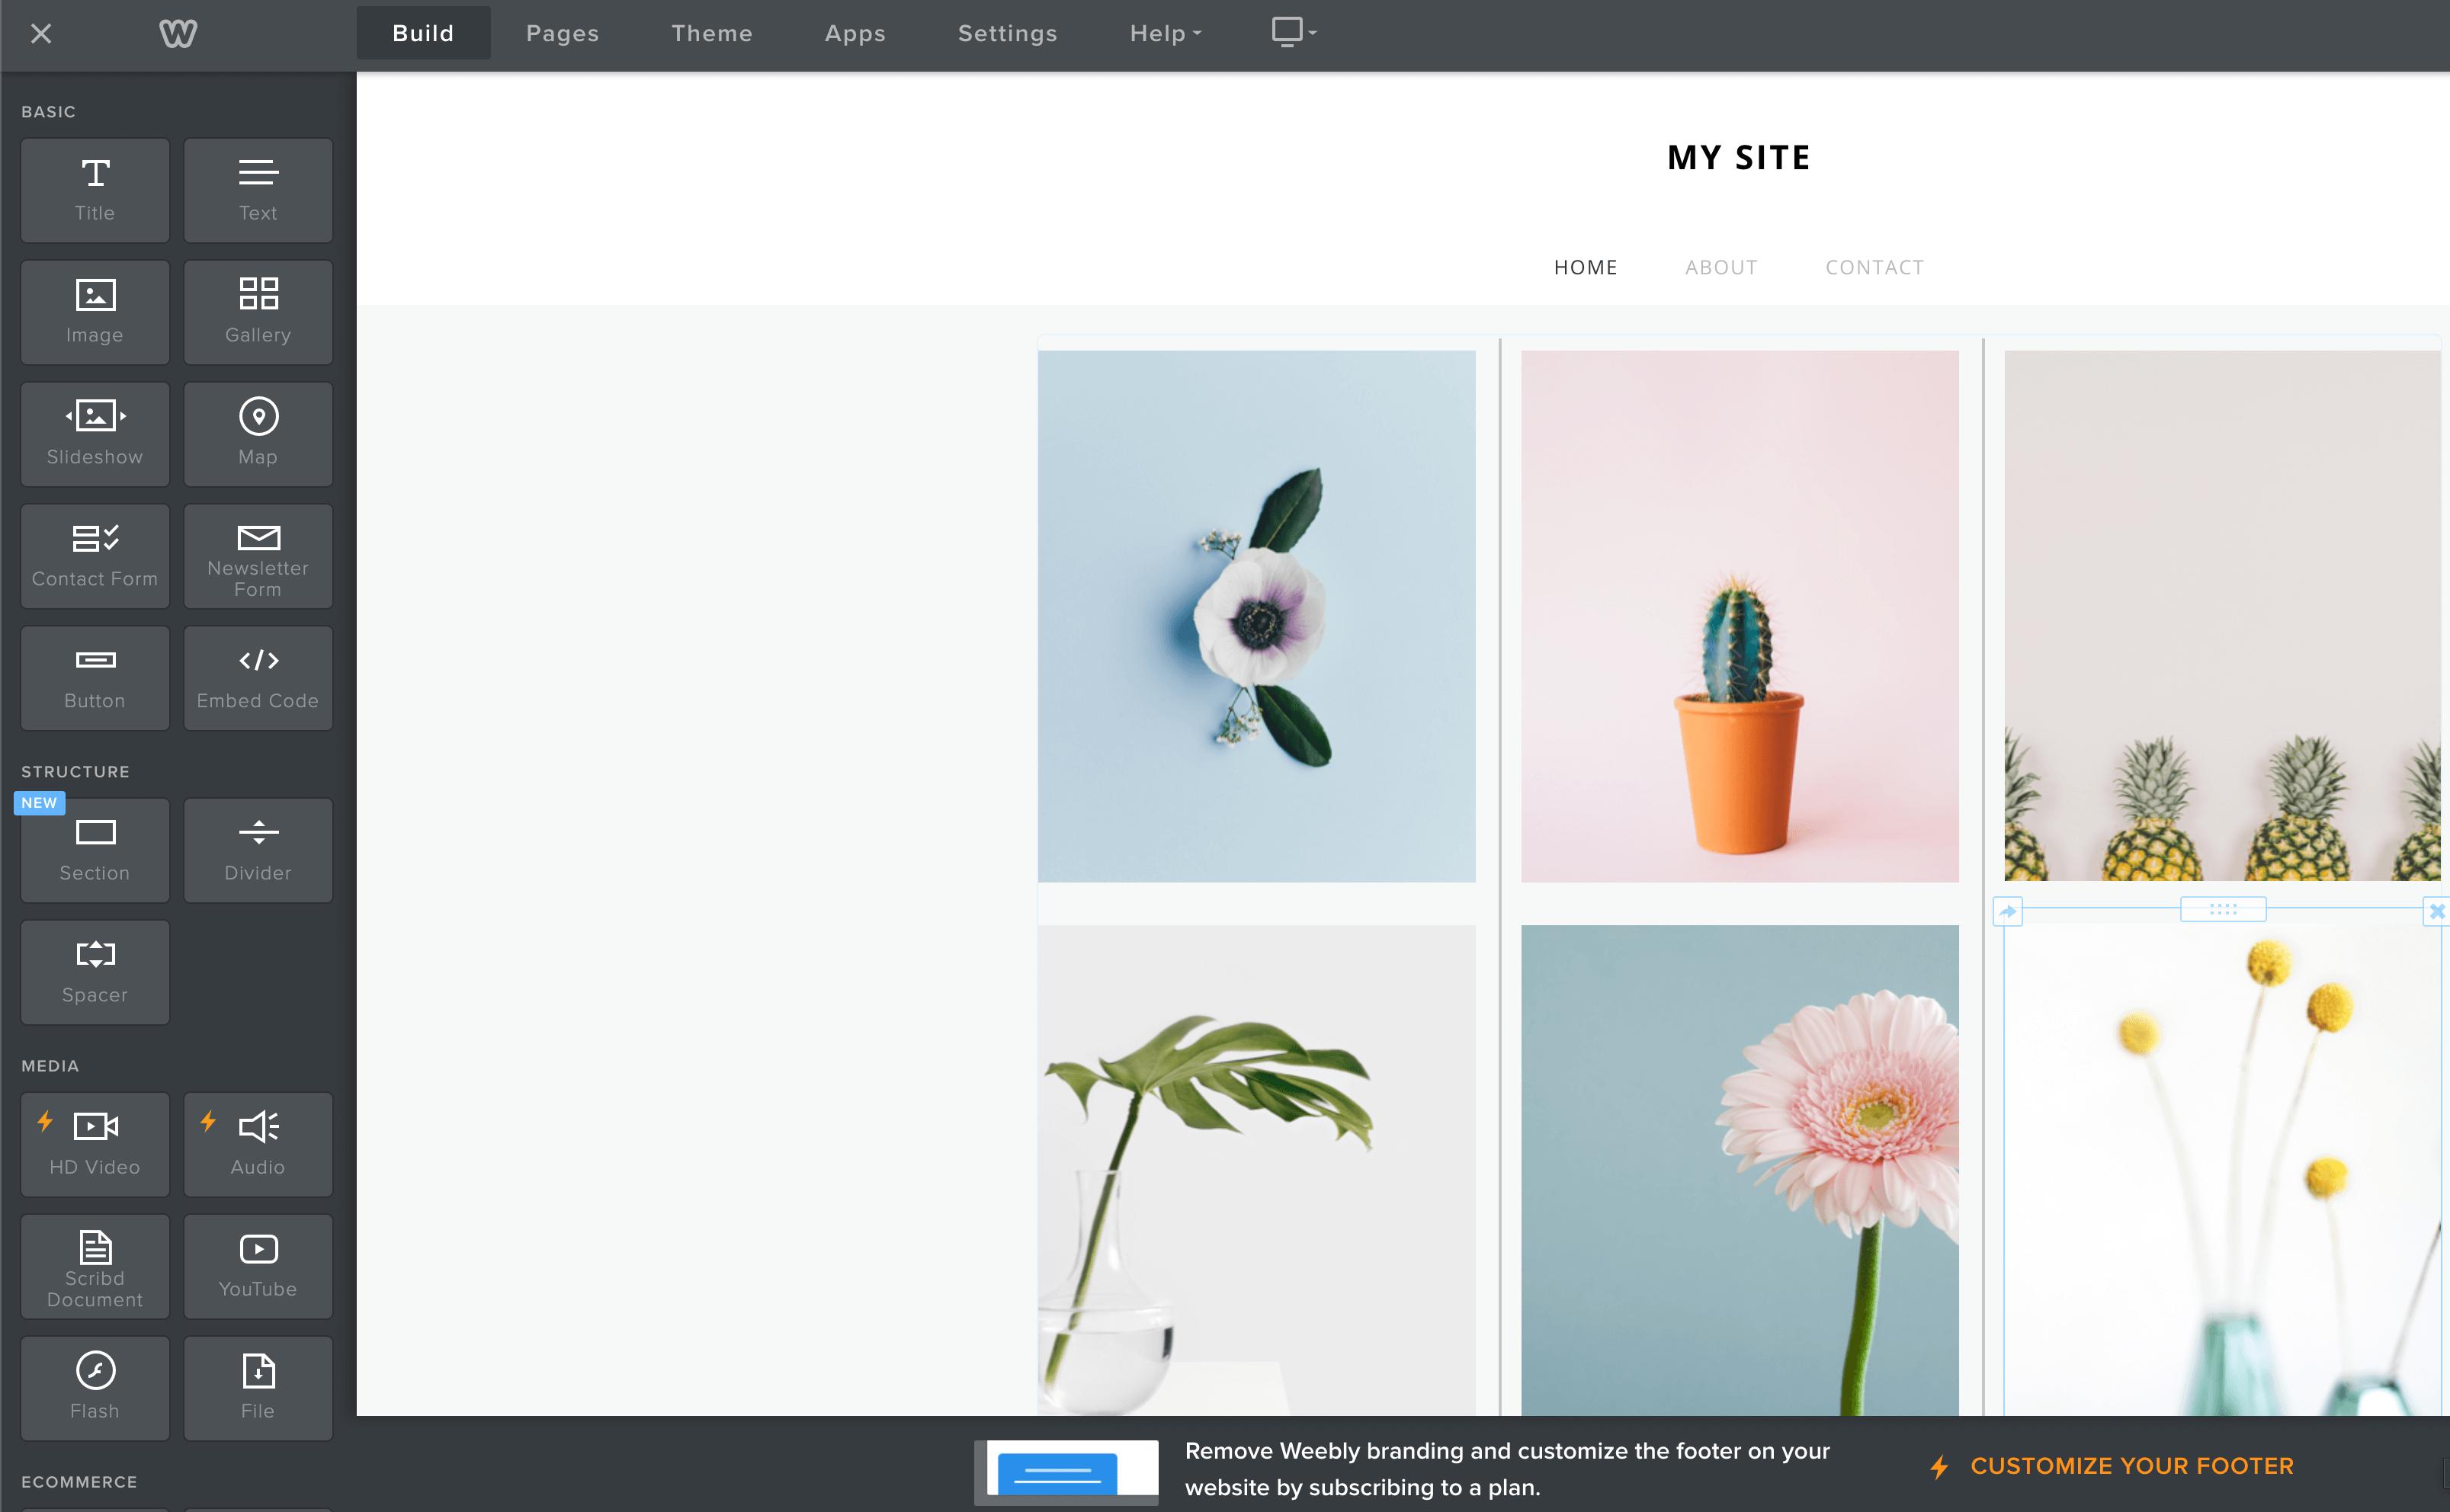 Criação de sites Weebly